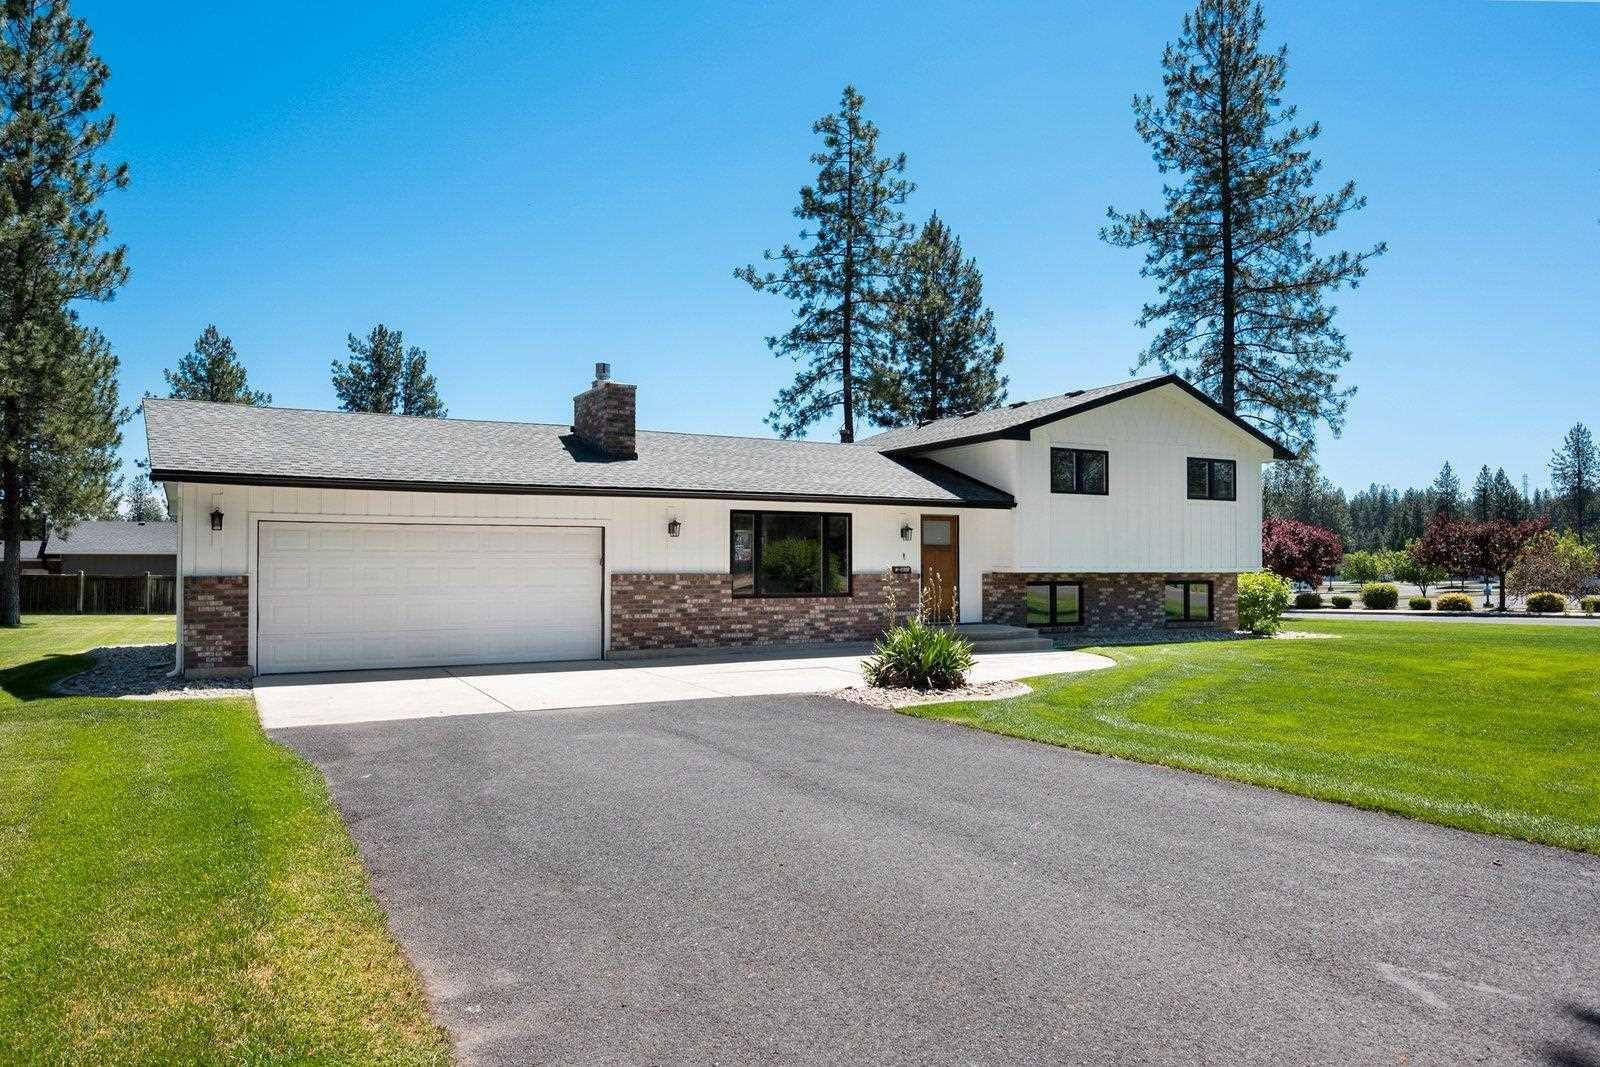 11908 N Ruby St, Spokane, WA 99218 - #: 202117763